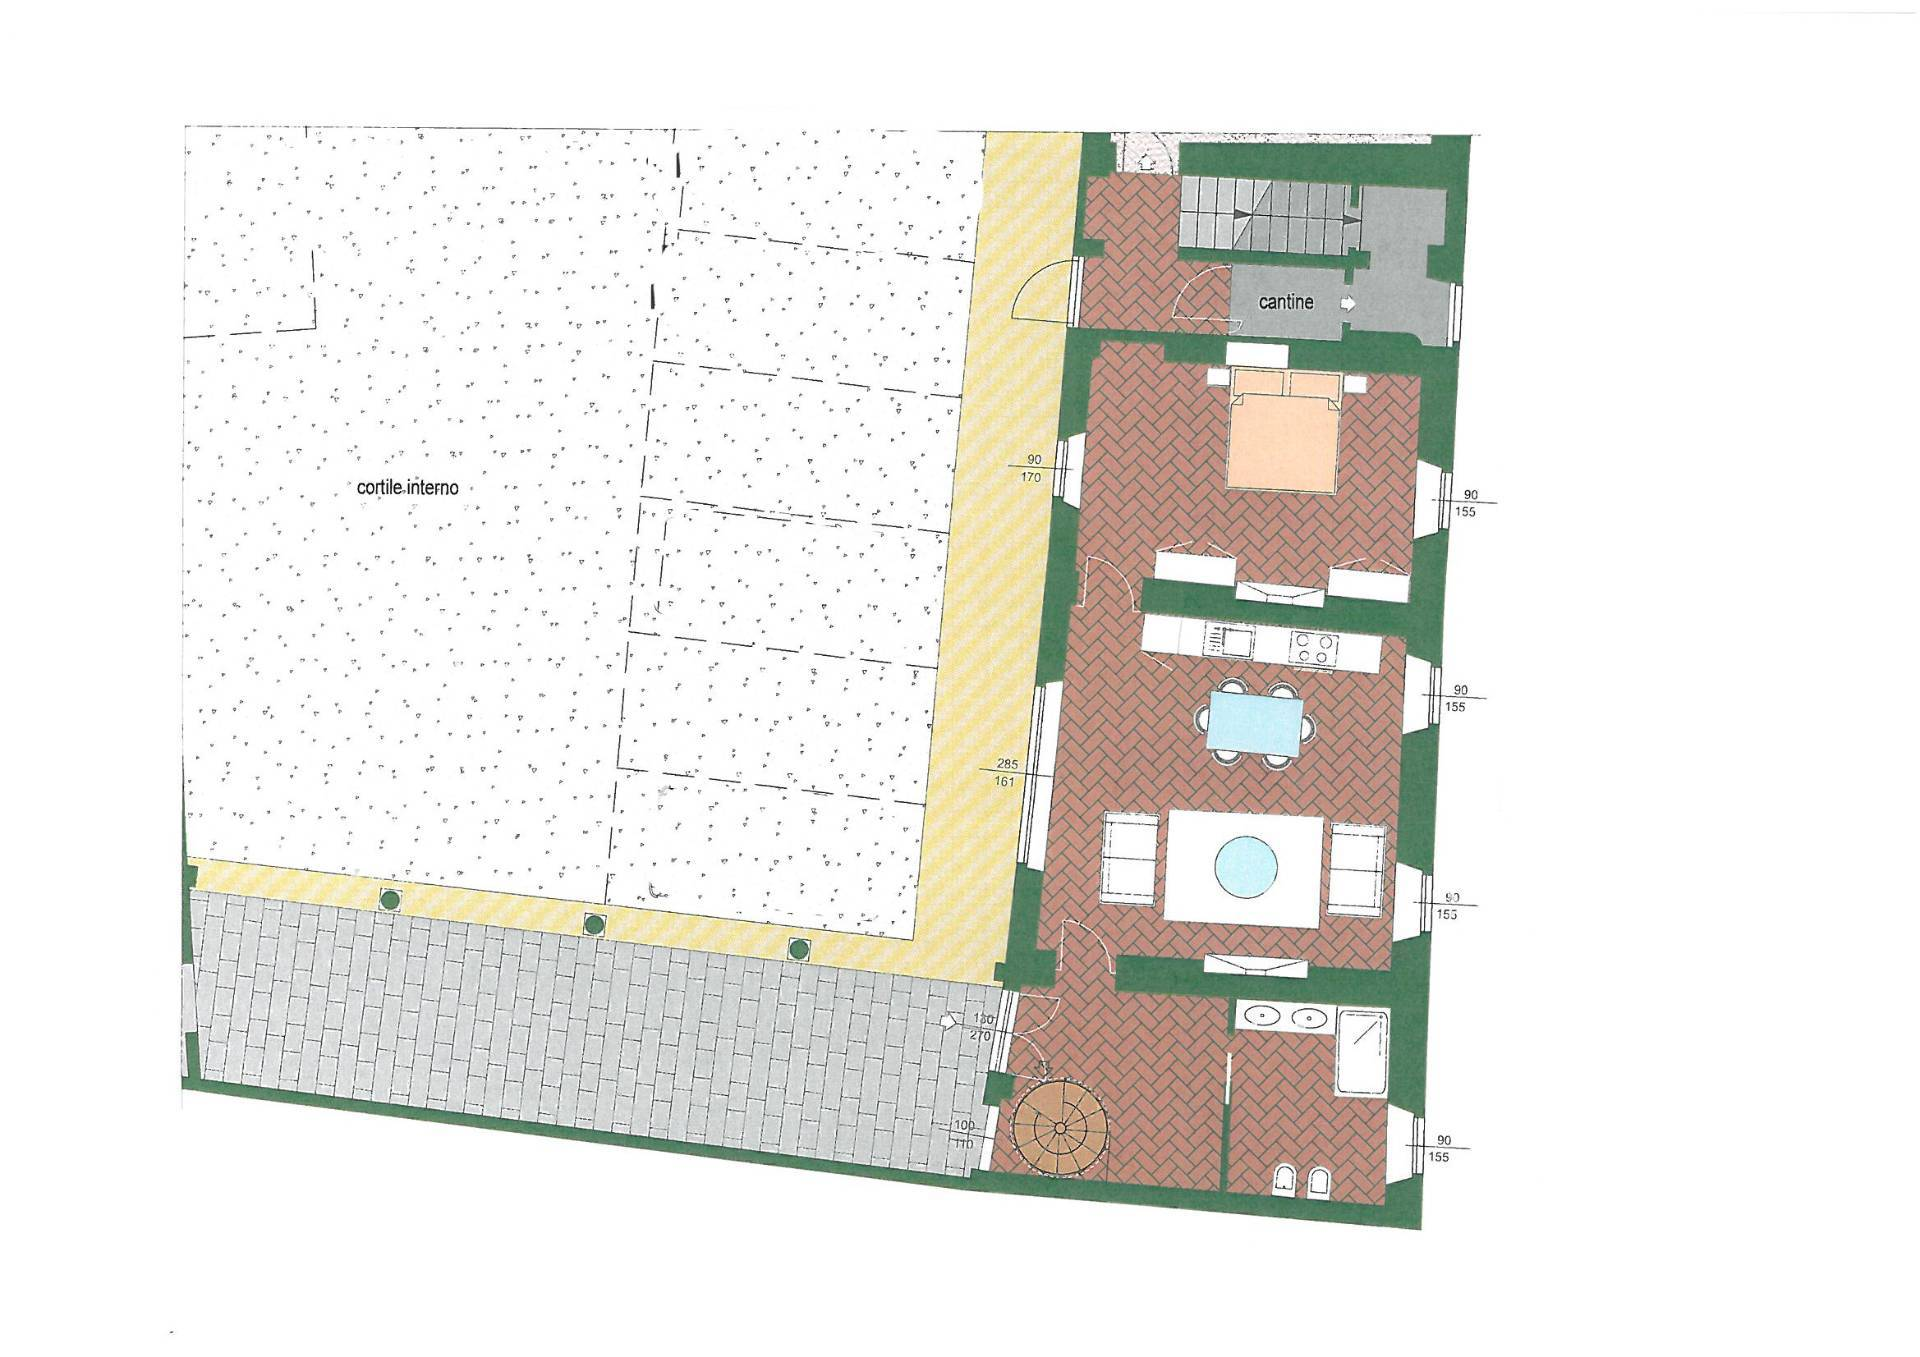 Ufficio / Studio in vendita a Oleggio, 9999 locali, prezzo € 175.000   CambioCasa.it